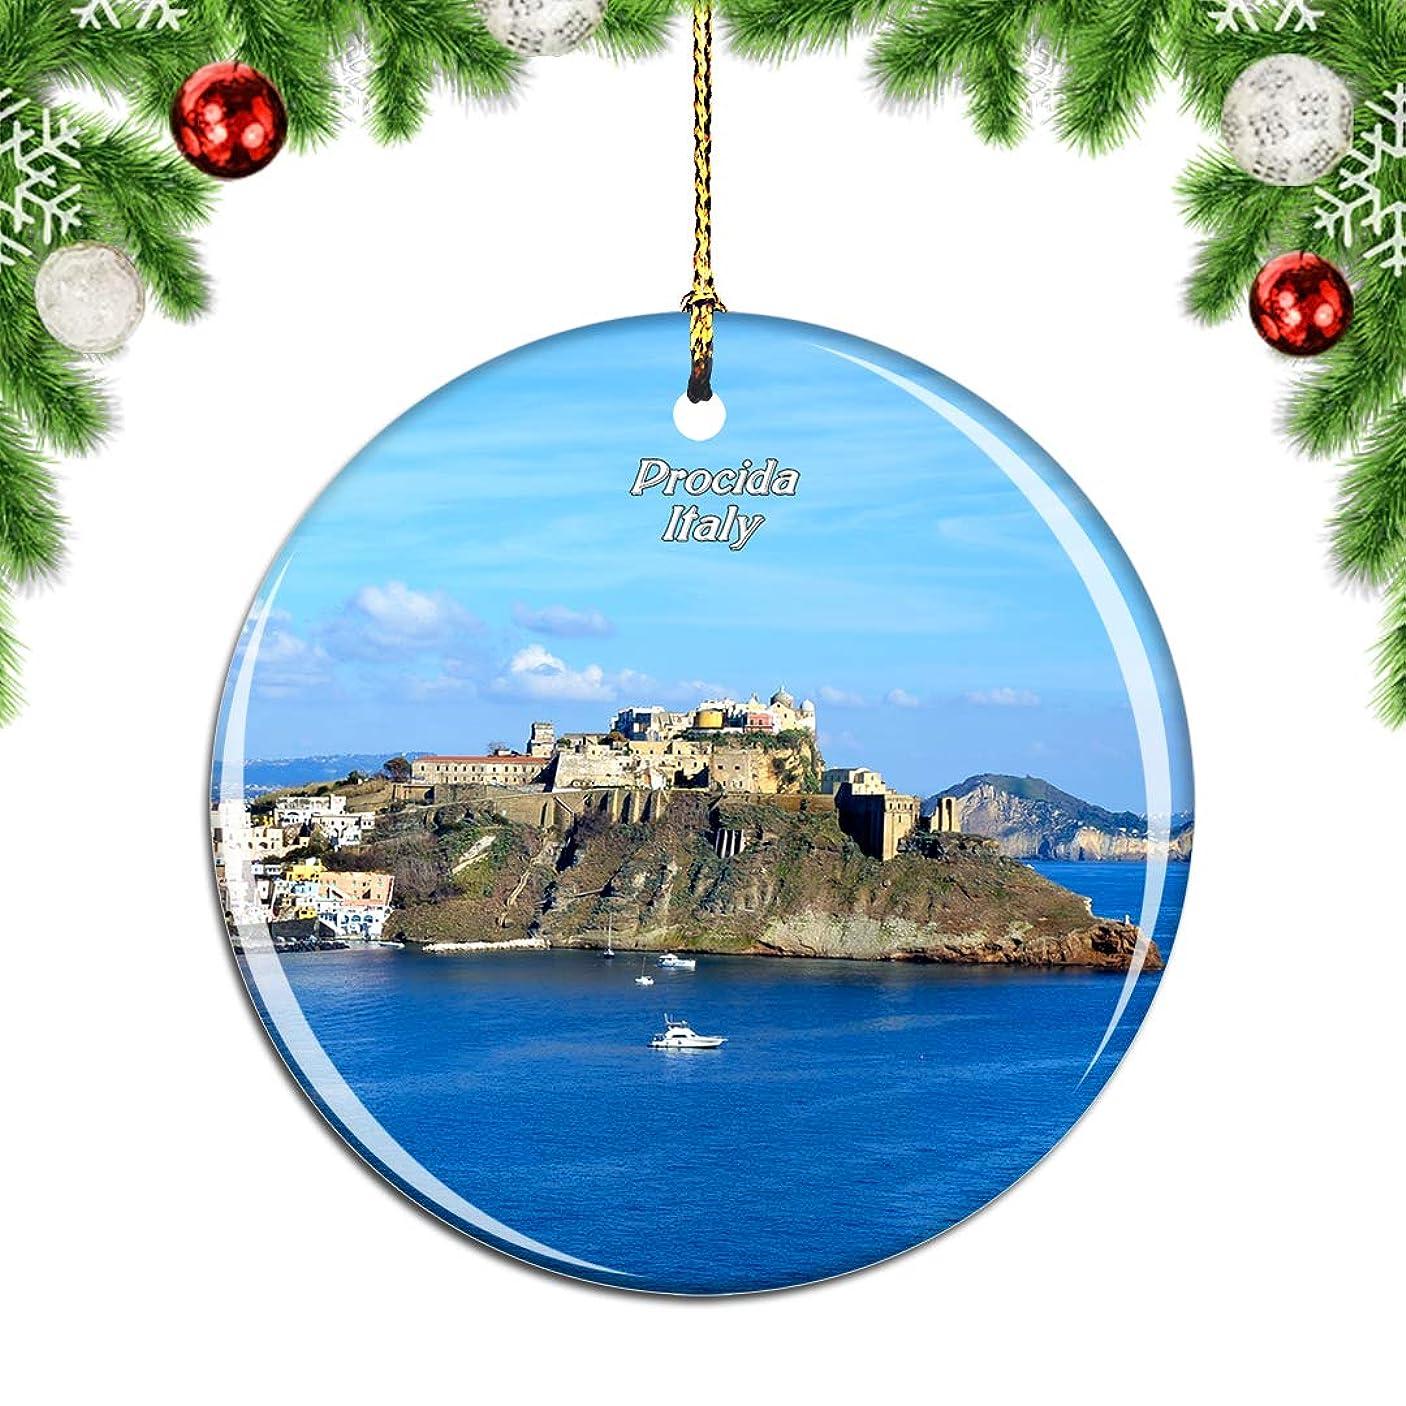 欠如クレアダイアクリティカルWeekinoプローチダクリスマスデコレーションオーナメントクリスマスツリーペンダントデコレーションシティトラベルお土産コレクション磁器2.85インチ